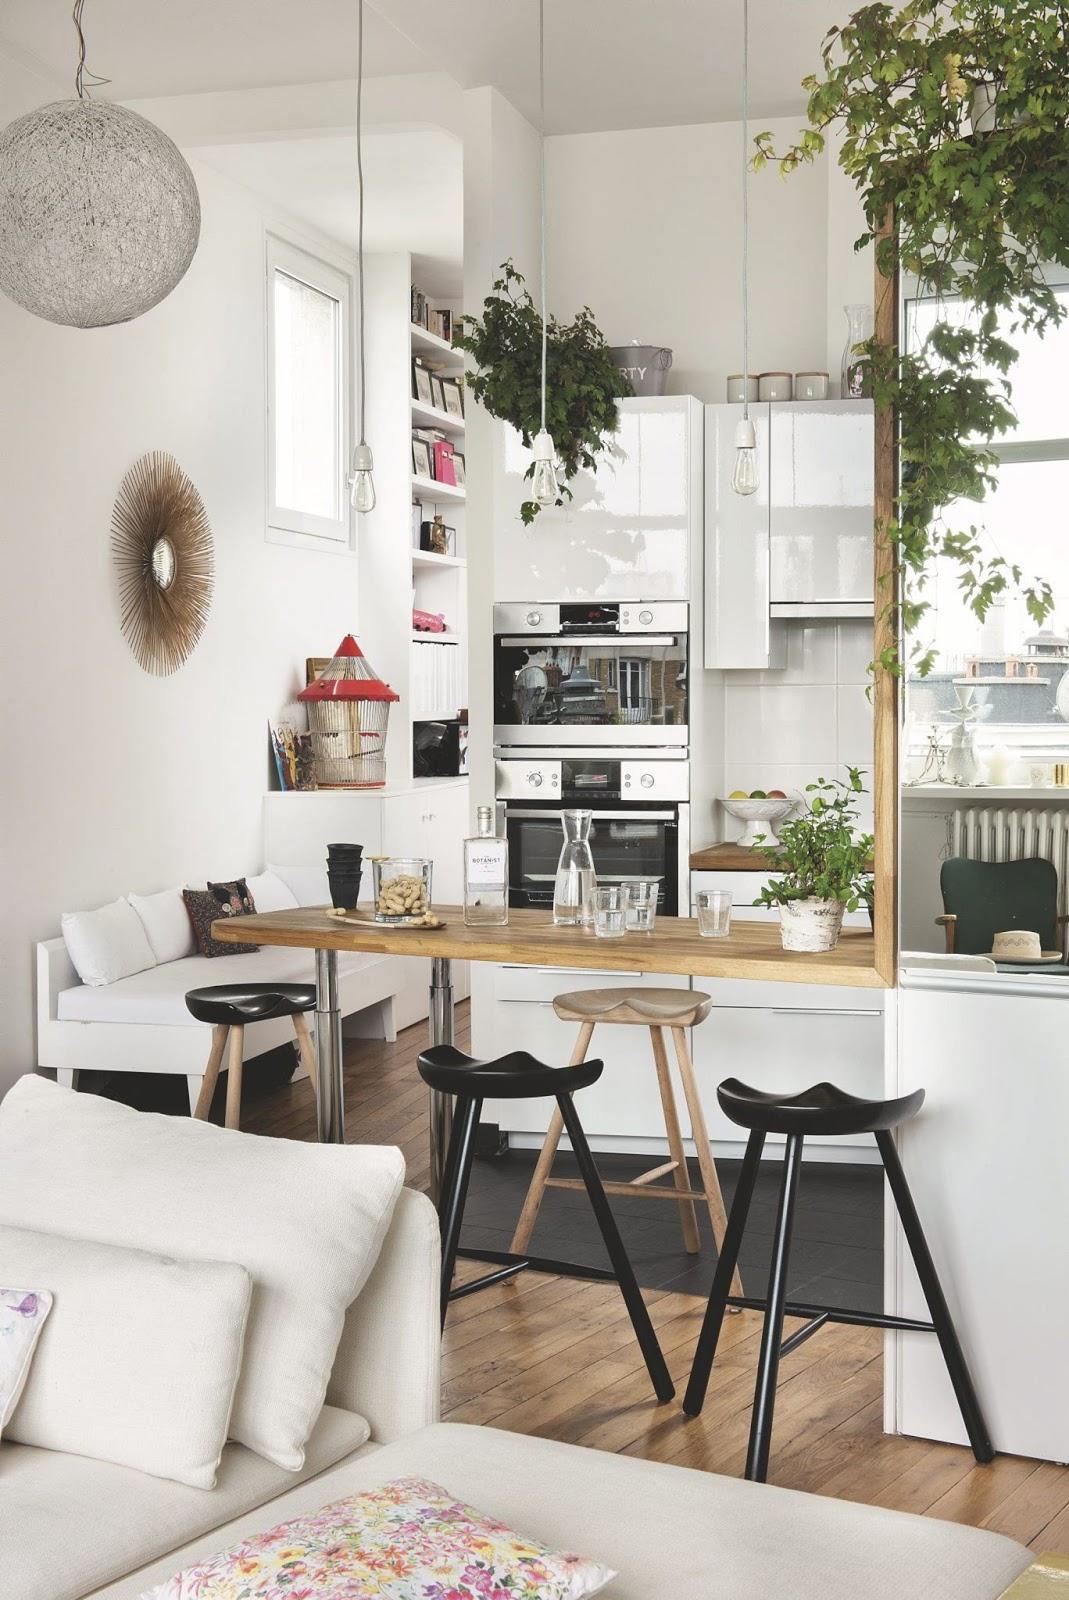 cocinas pequeñas - concepto abierto